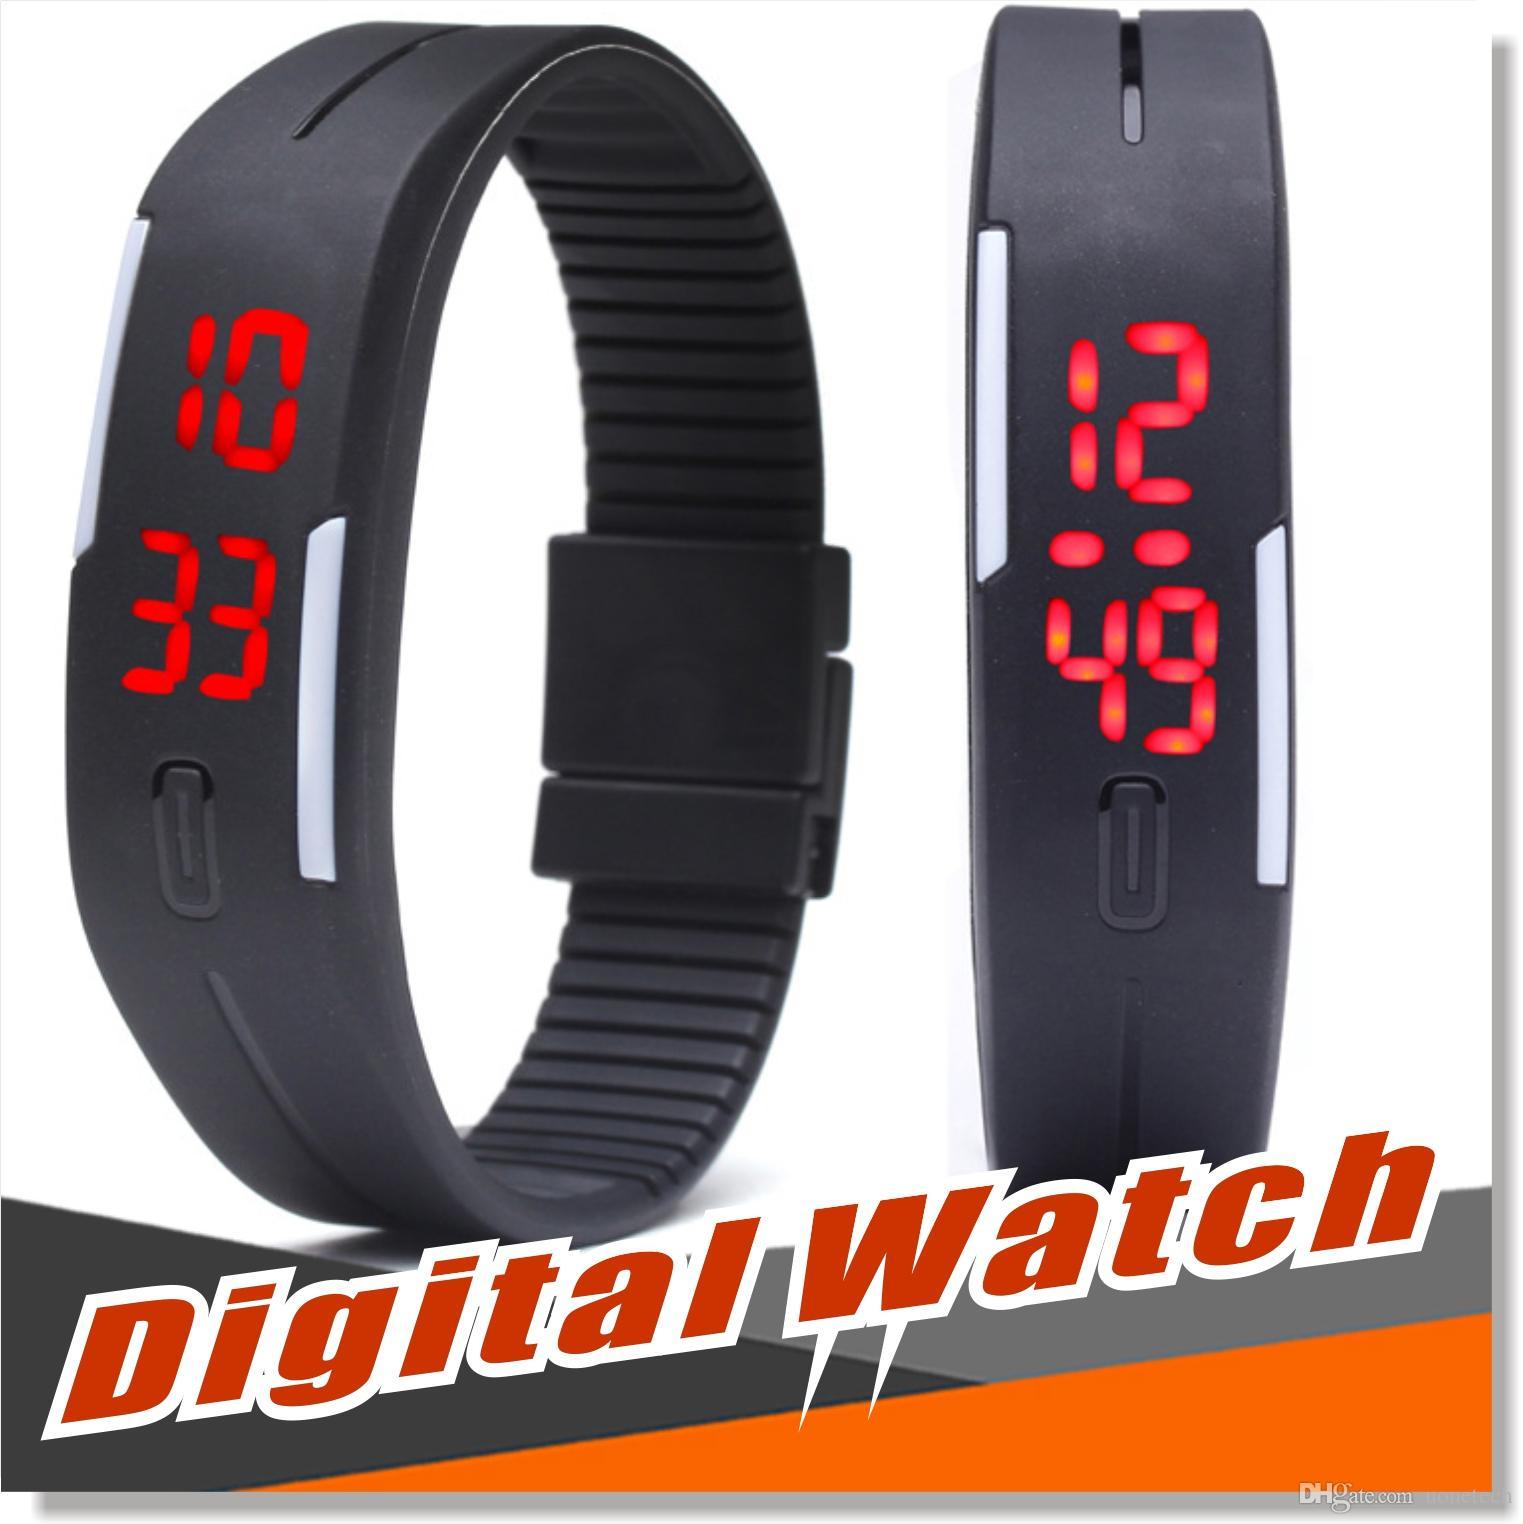 LED Numérique Montre-Bracelet Ultra Mince Sports de Plein Air Rectangle Étanche Gym Running écran tactile Bracelets En Caoutchouc ceinture bracelets de silicone